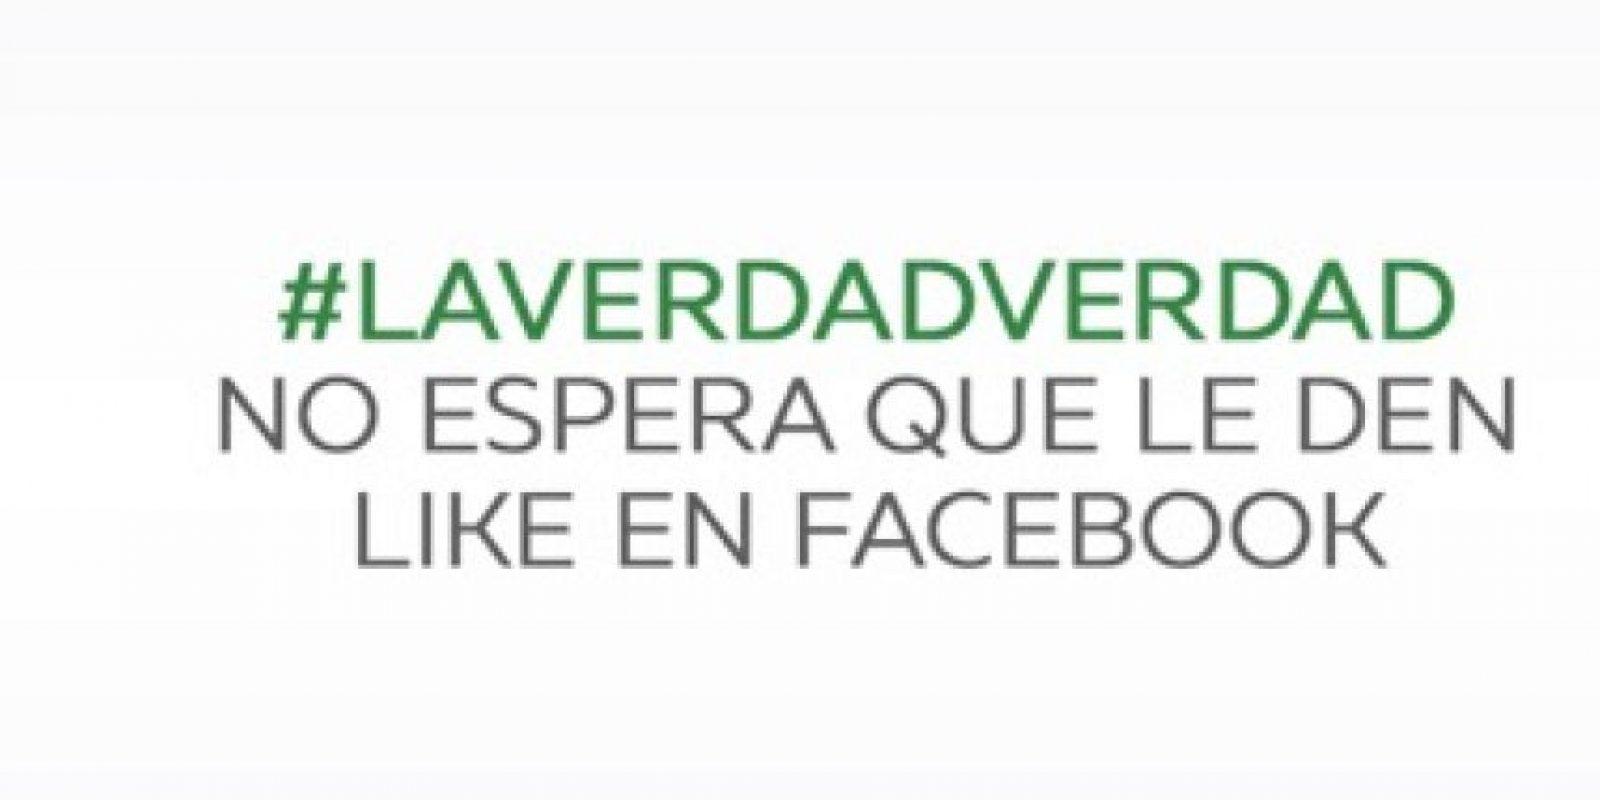 Laverdadverdad no Esperes que le den like en Facebook